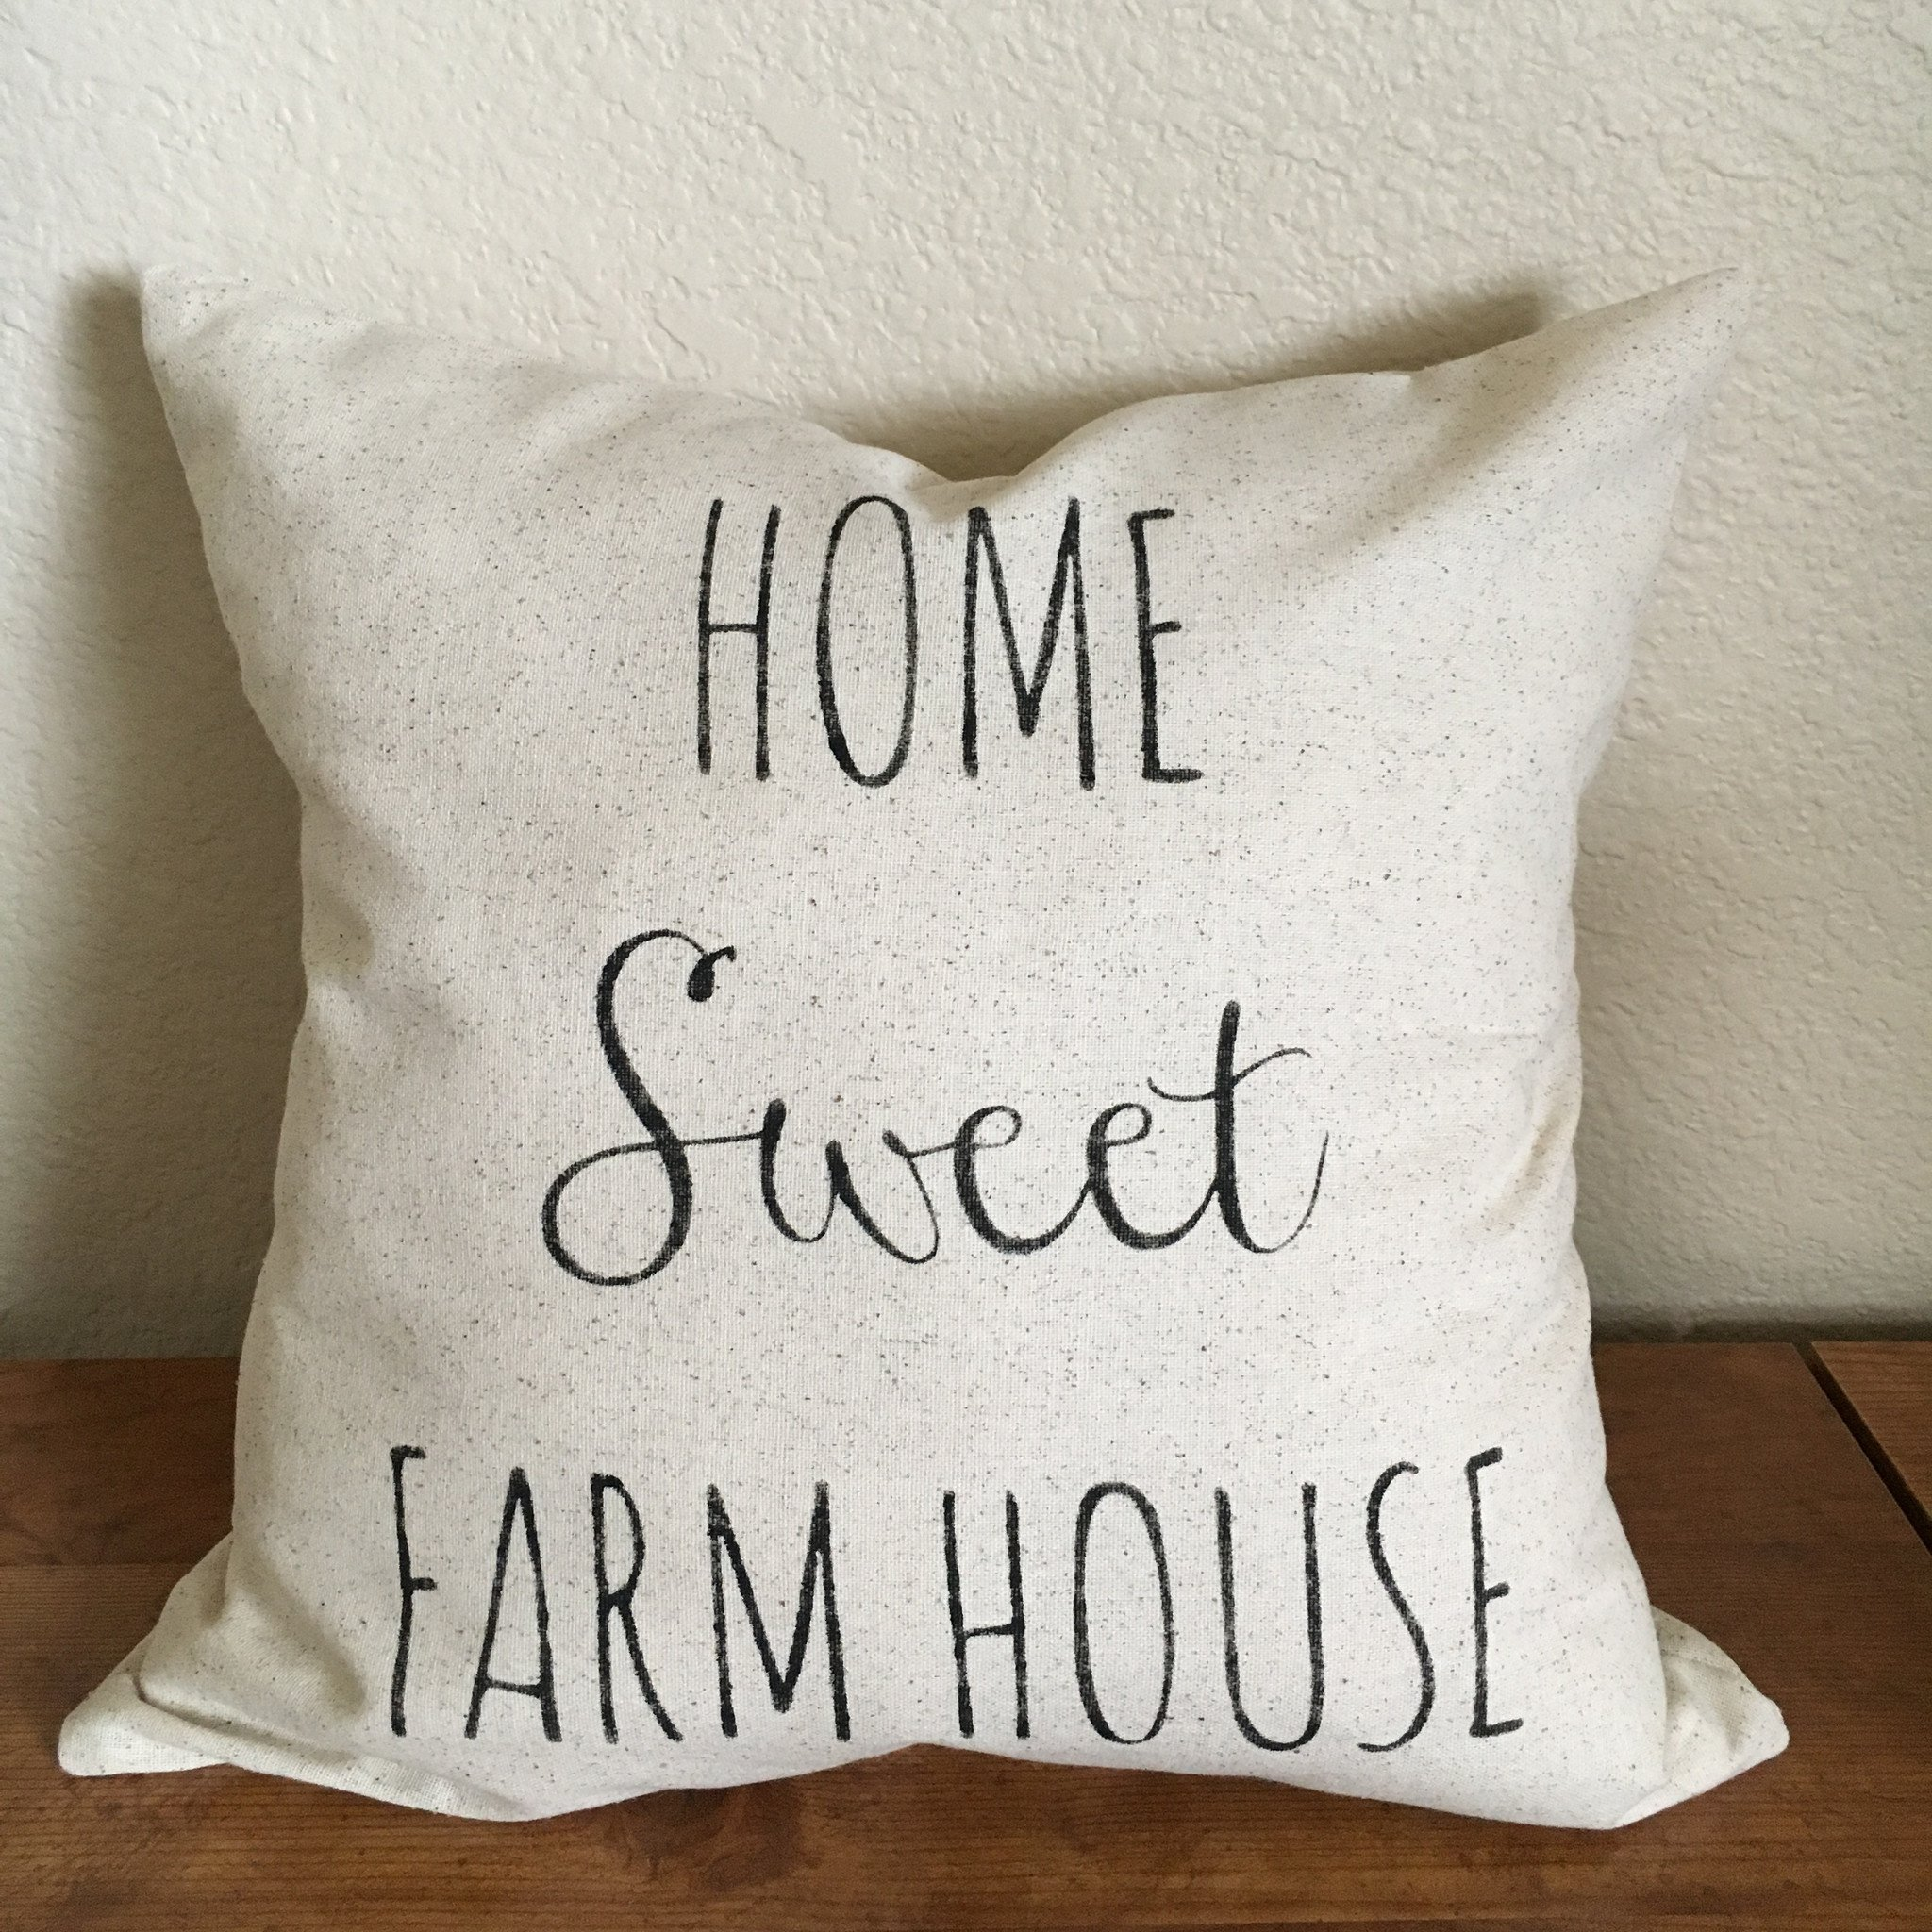 Home Sweet Farm House Farmhouse Pillow Cover Choose